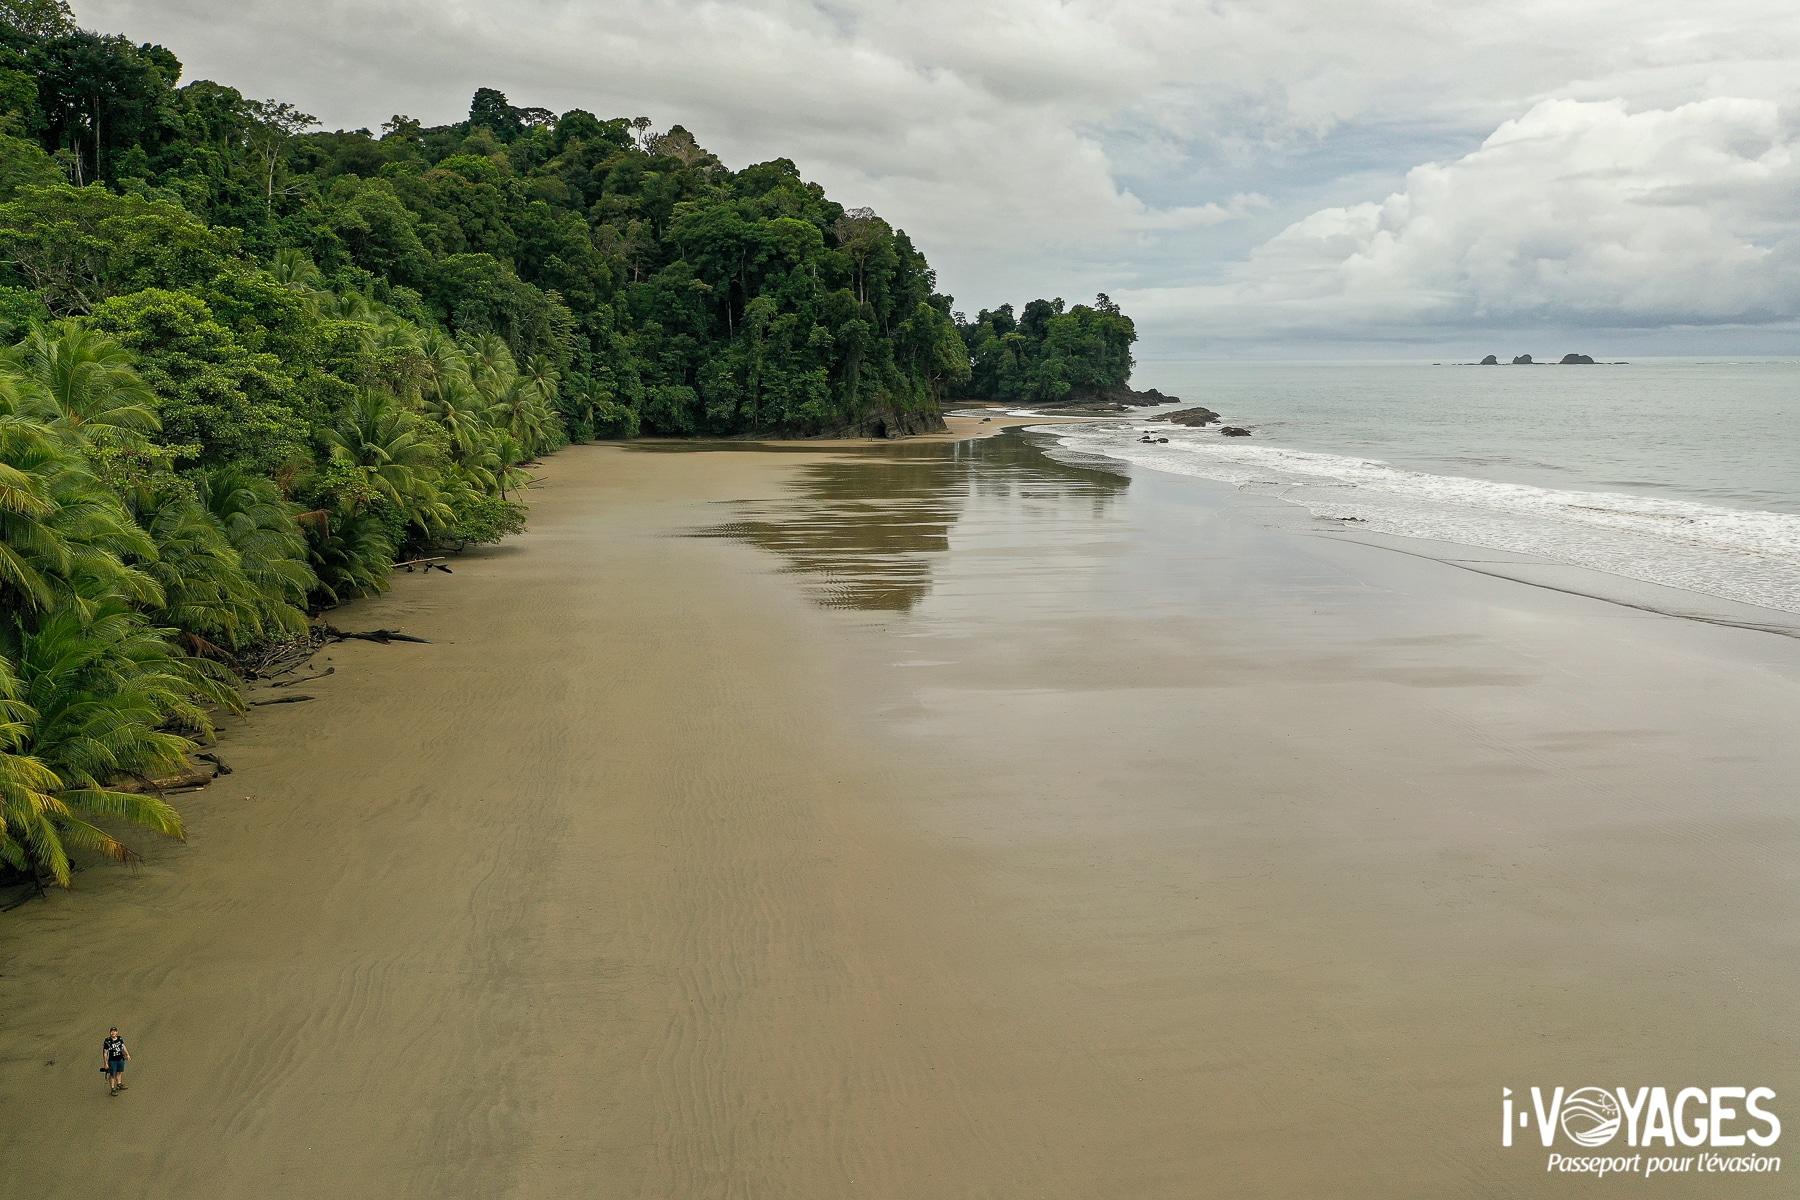 Seul sur une plage déserte du Costa Rica